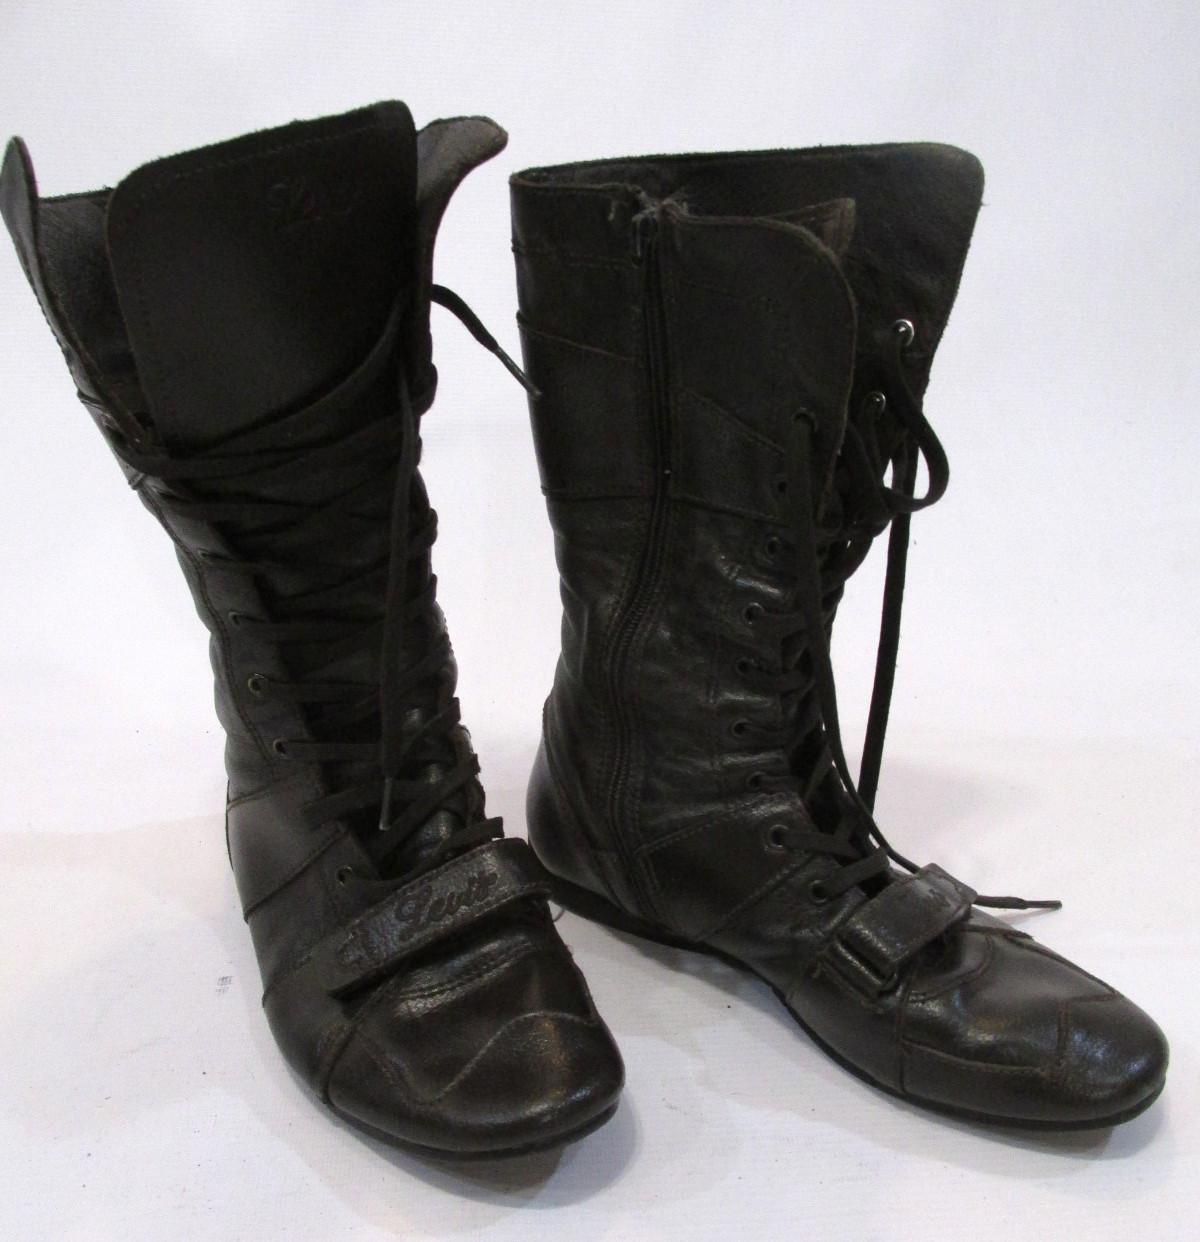 Сапожки кожаные Levi's, 39 (25.5 см), демисезонные, коричневые, Отл сост!